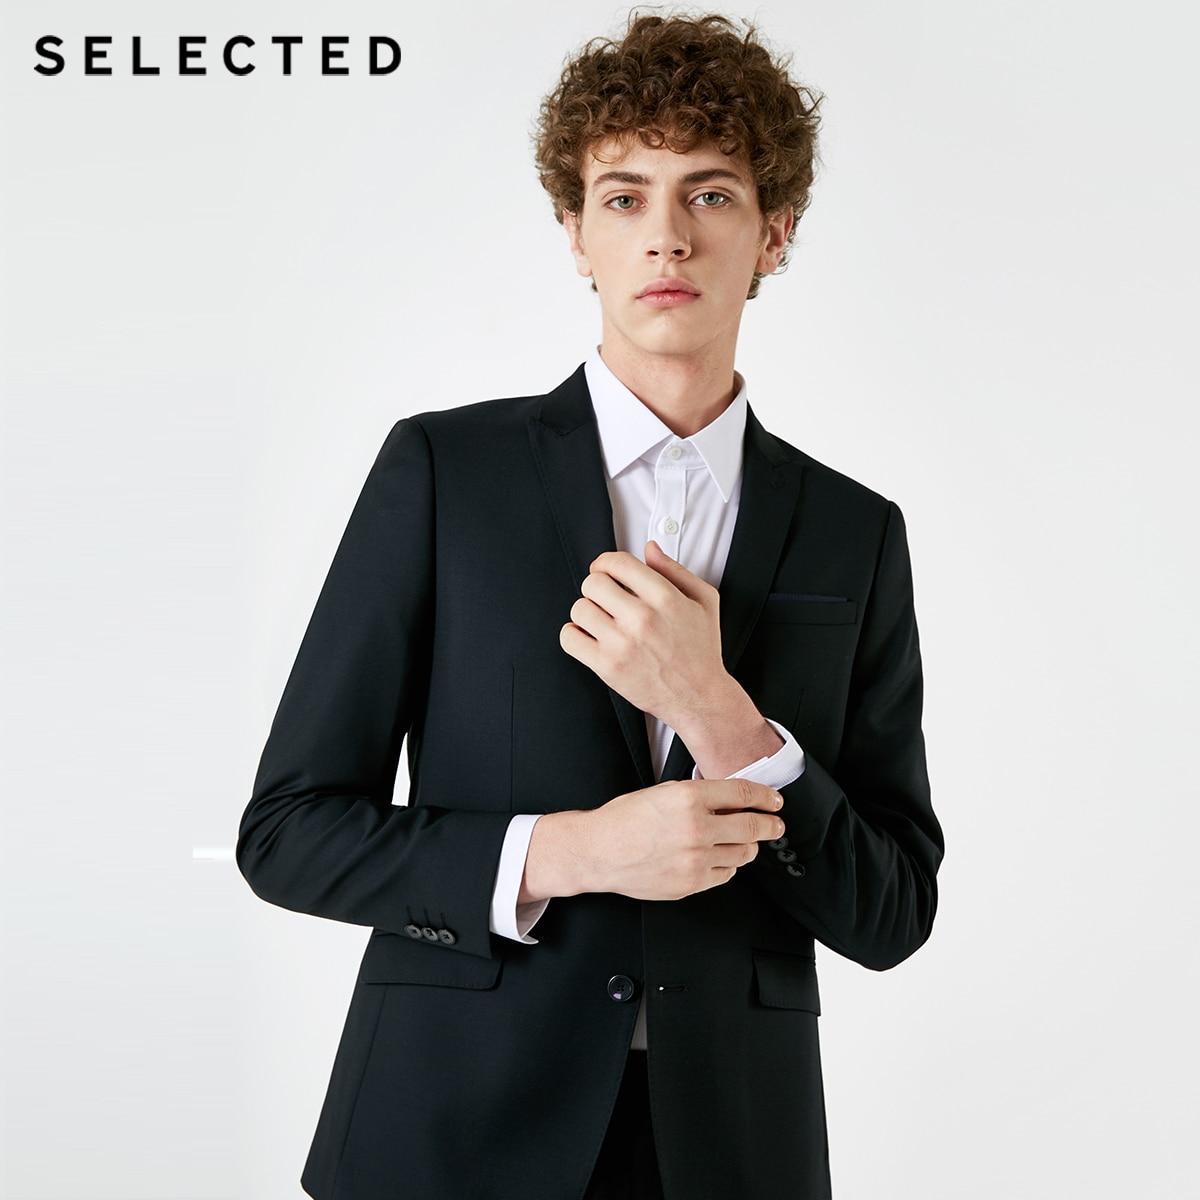 모직 칼라 넥타이 칼라 비즈니스 정장 t를 포함한 남성 겨울 신제품 선택  41845z503-에서정장 재킷부터 남성 의류 의  그룹 1